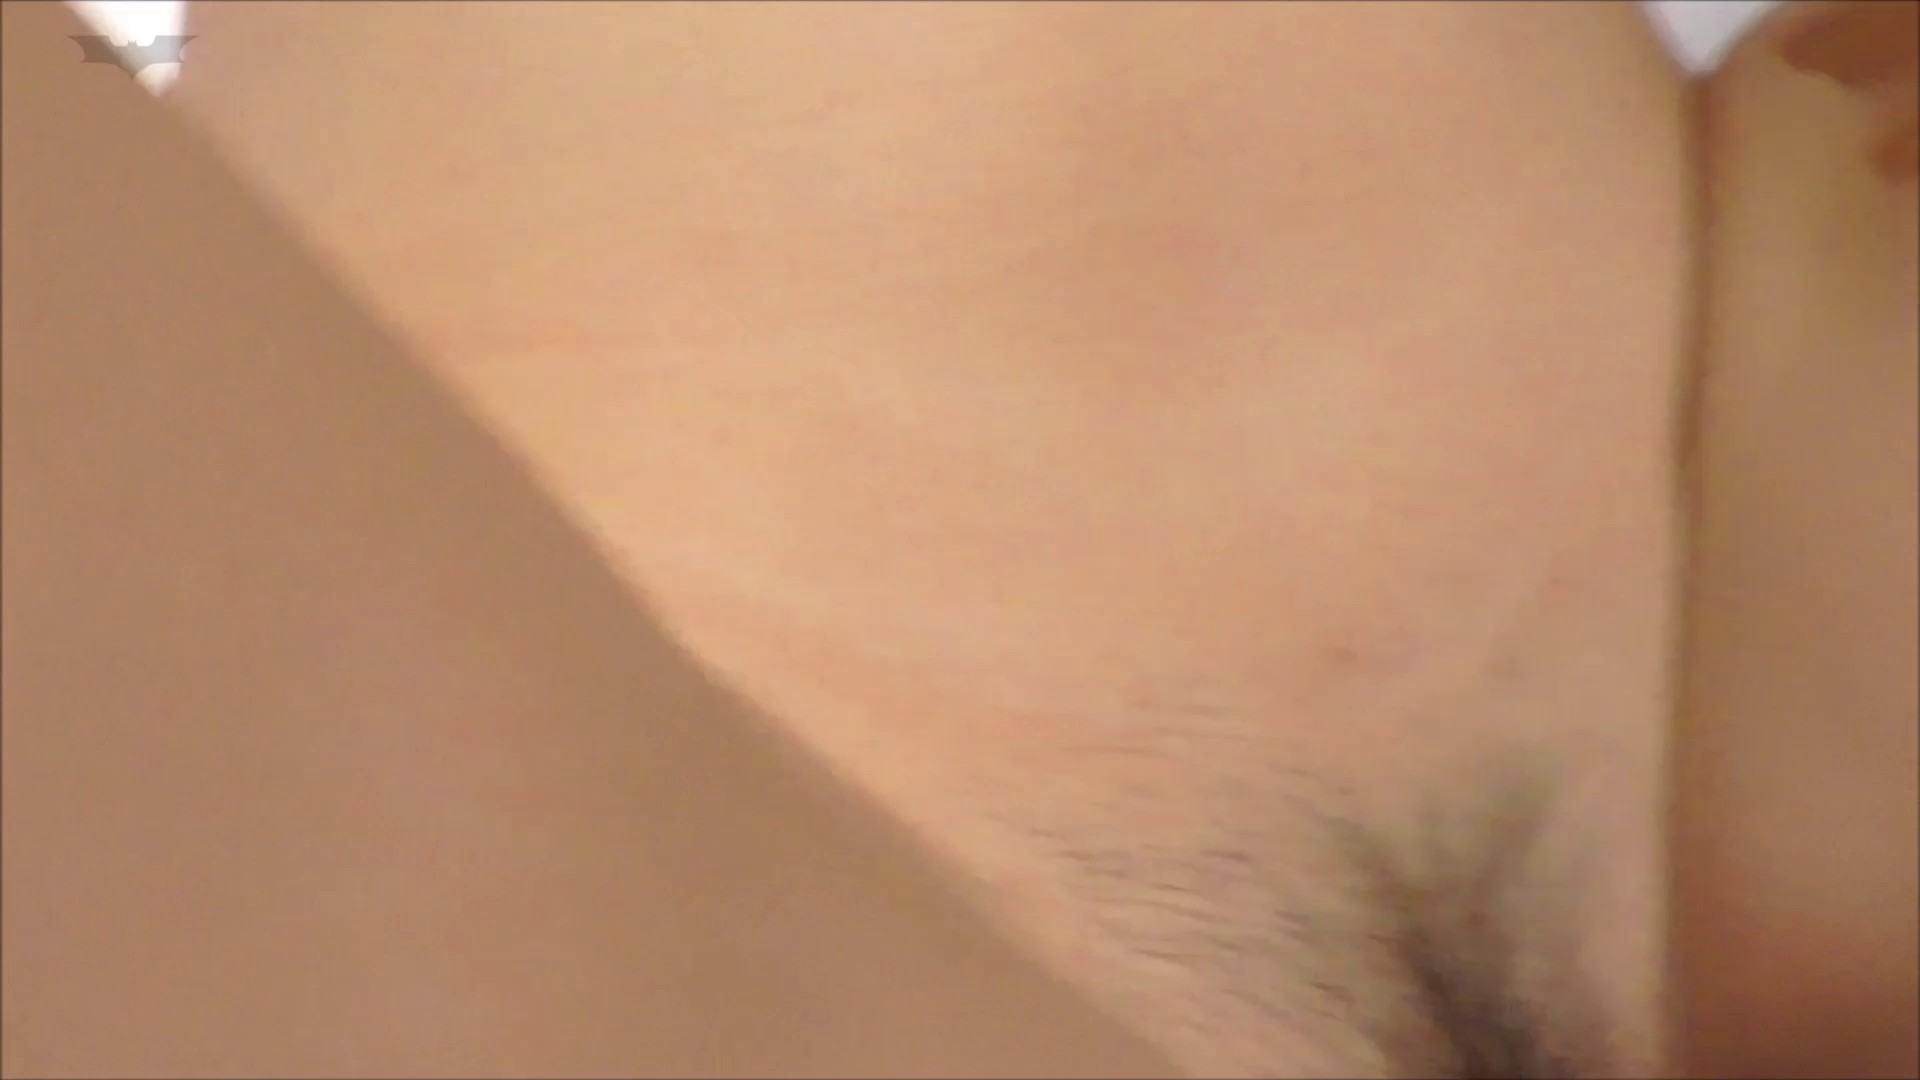 内緒でデリヘル盗撮 Vol.03中編 美肌、美人のデリ嬢にいよいよ挿入! 盗撮  102PIX 88